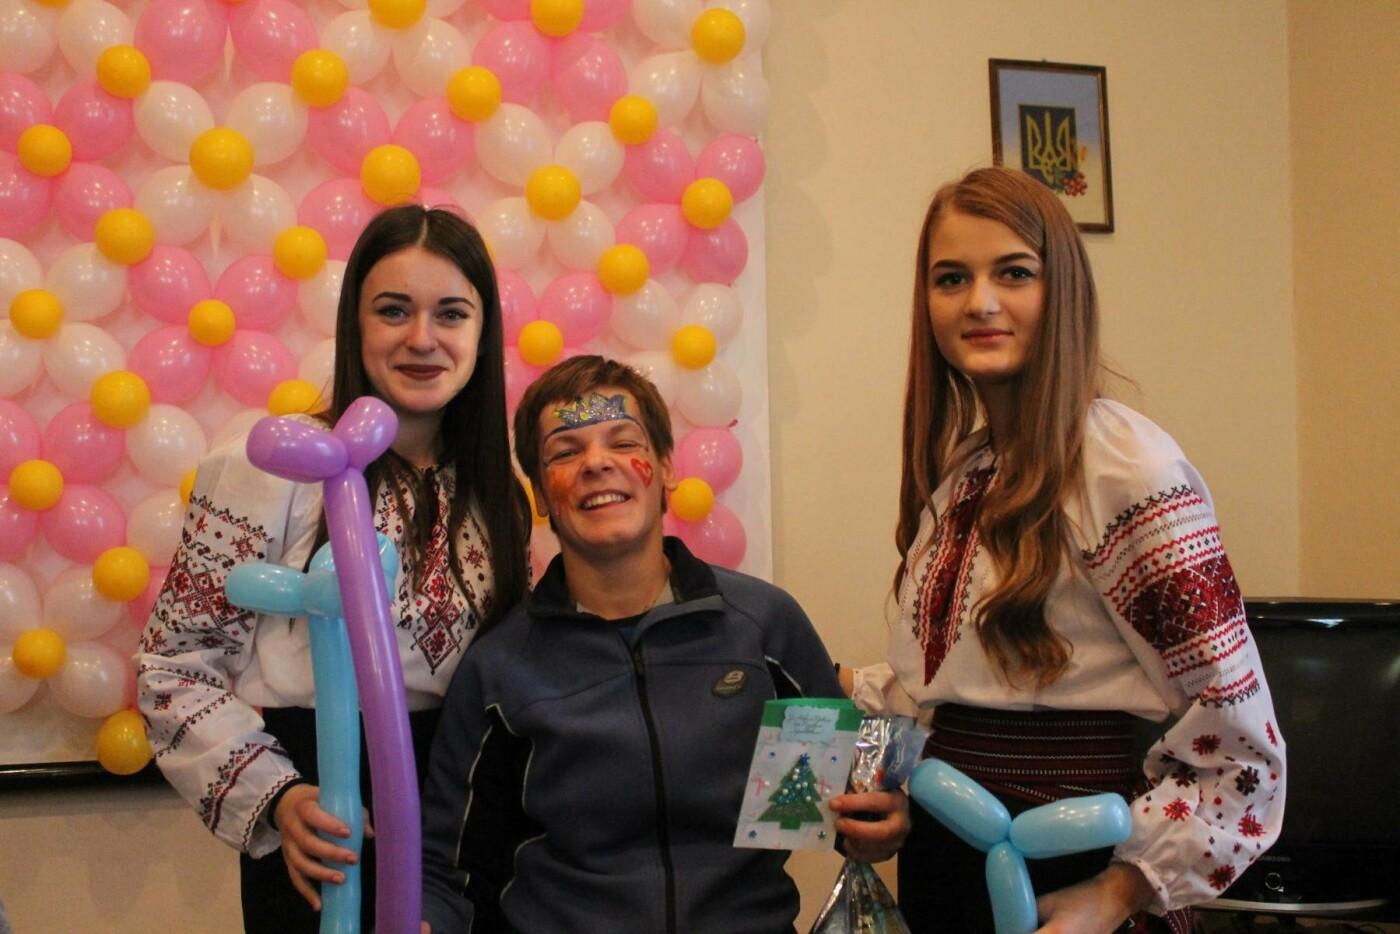 Франківський Карітас організував свято для вихованців Коломийського дитячого будинку-інтернату. ФОТО, фото-3